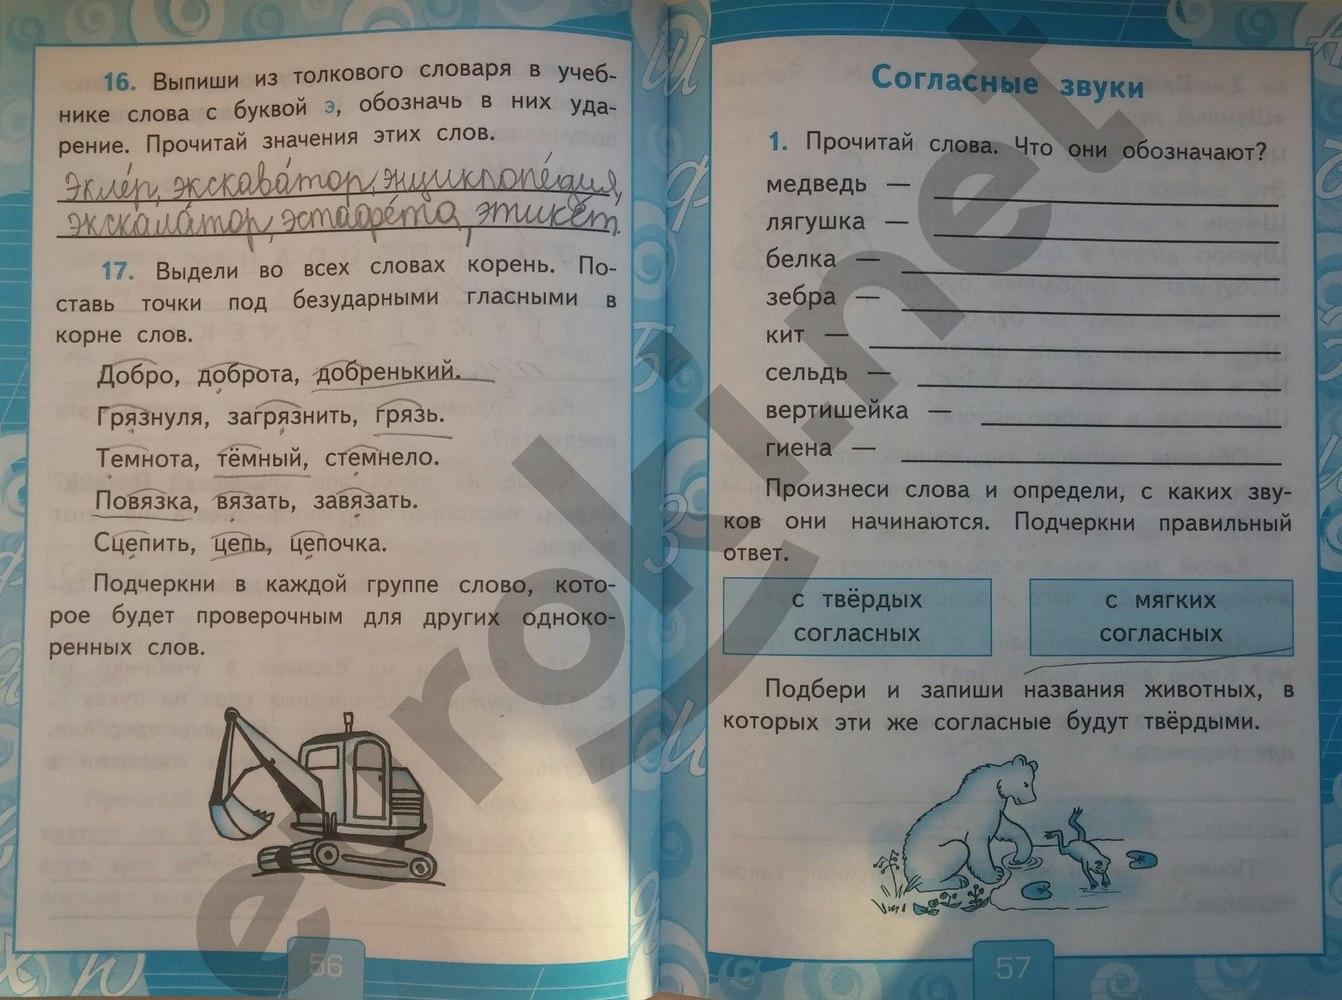 Готовая домашняя задания по русскому языку 2 класс 2 часть рабочая тетрадь